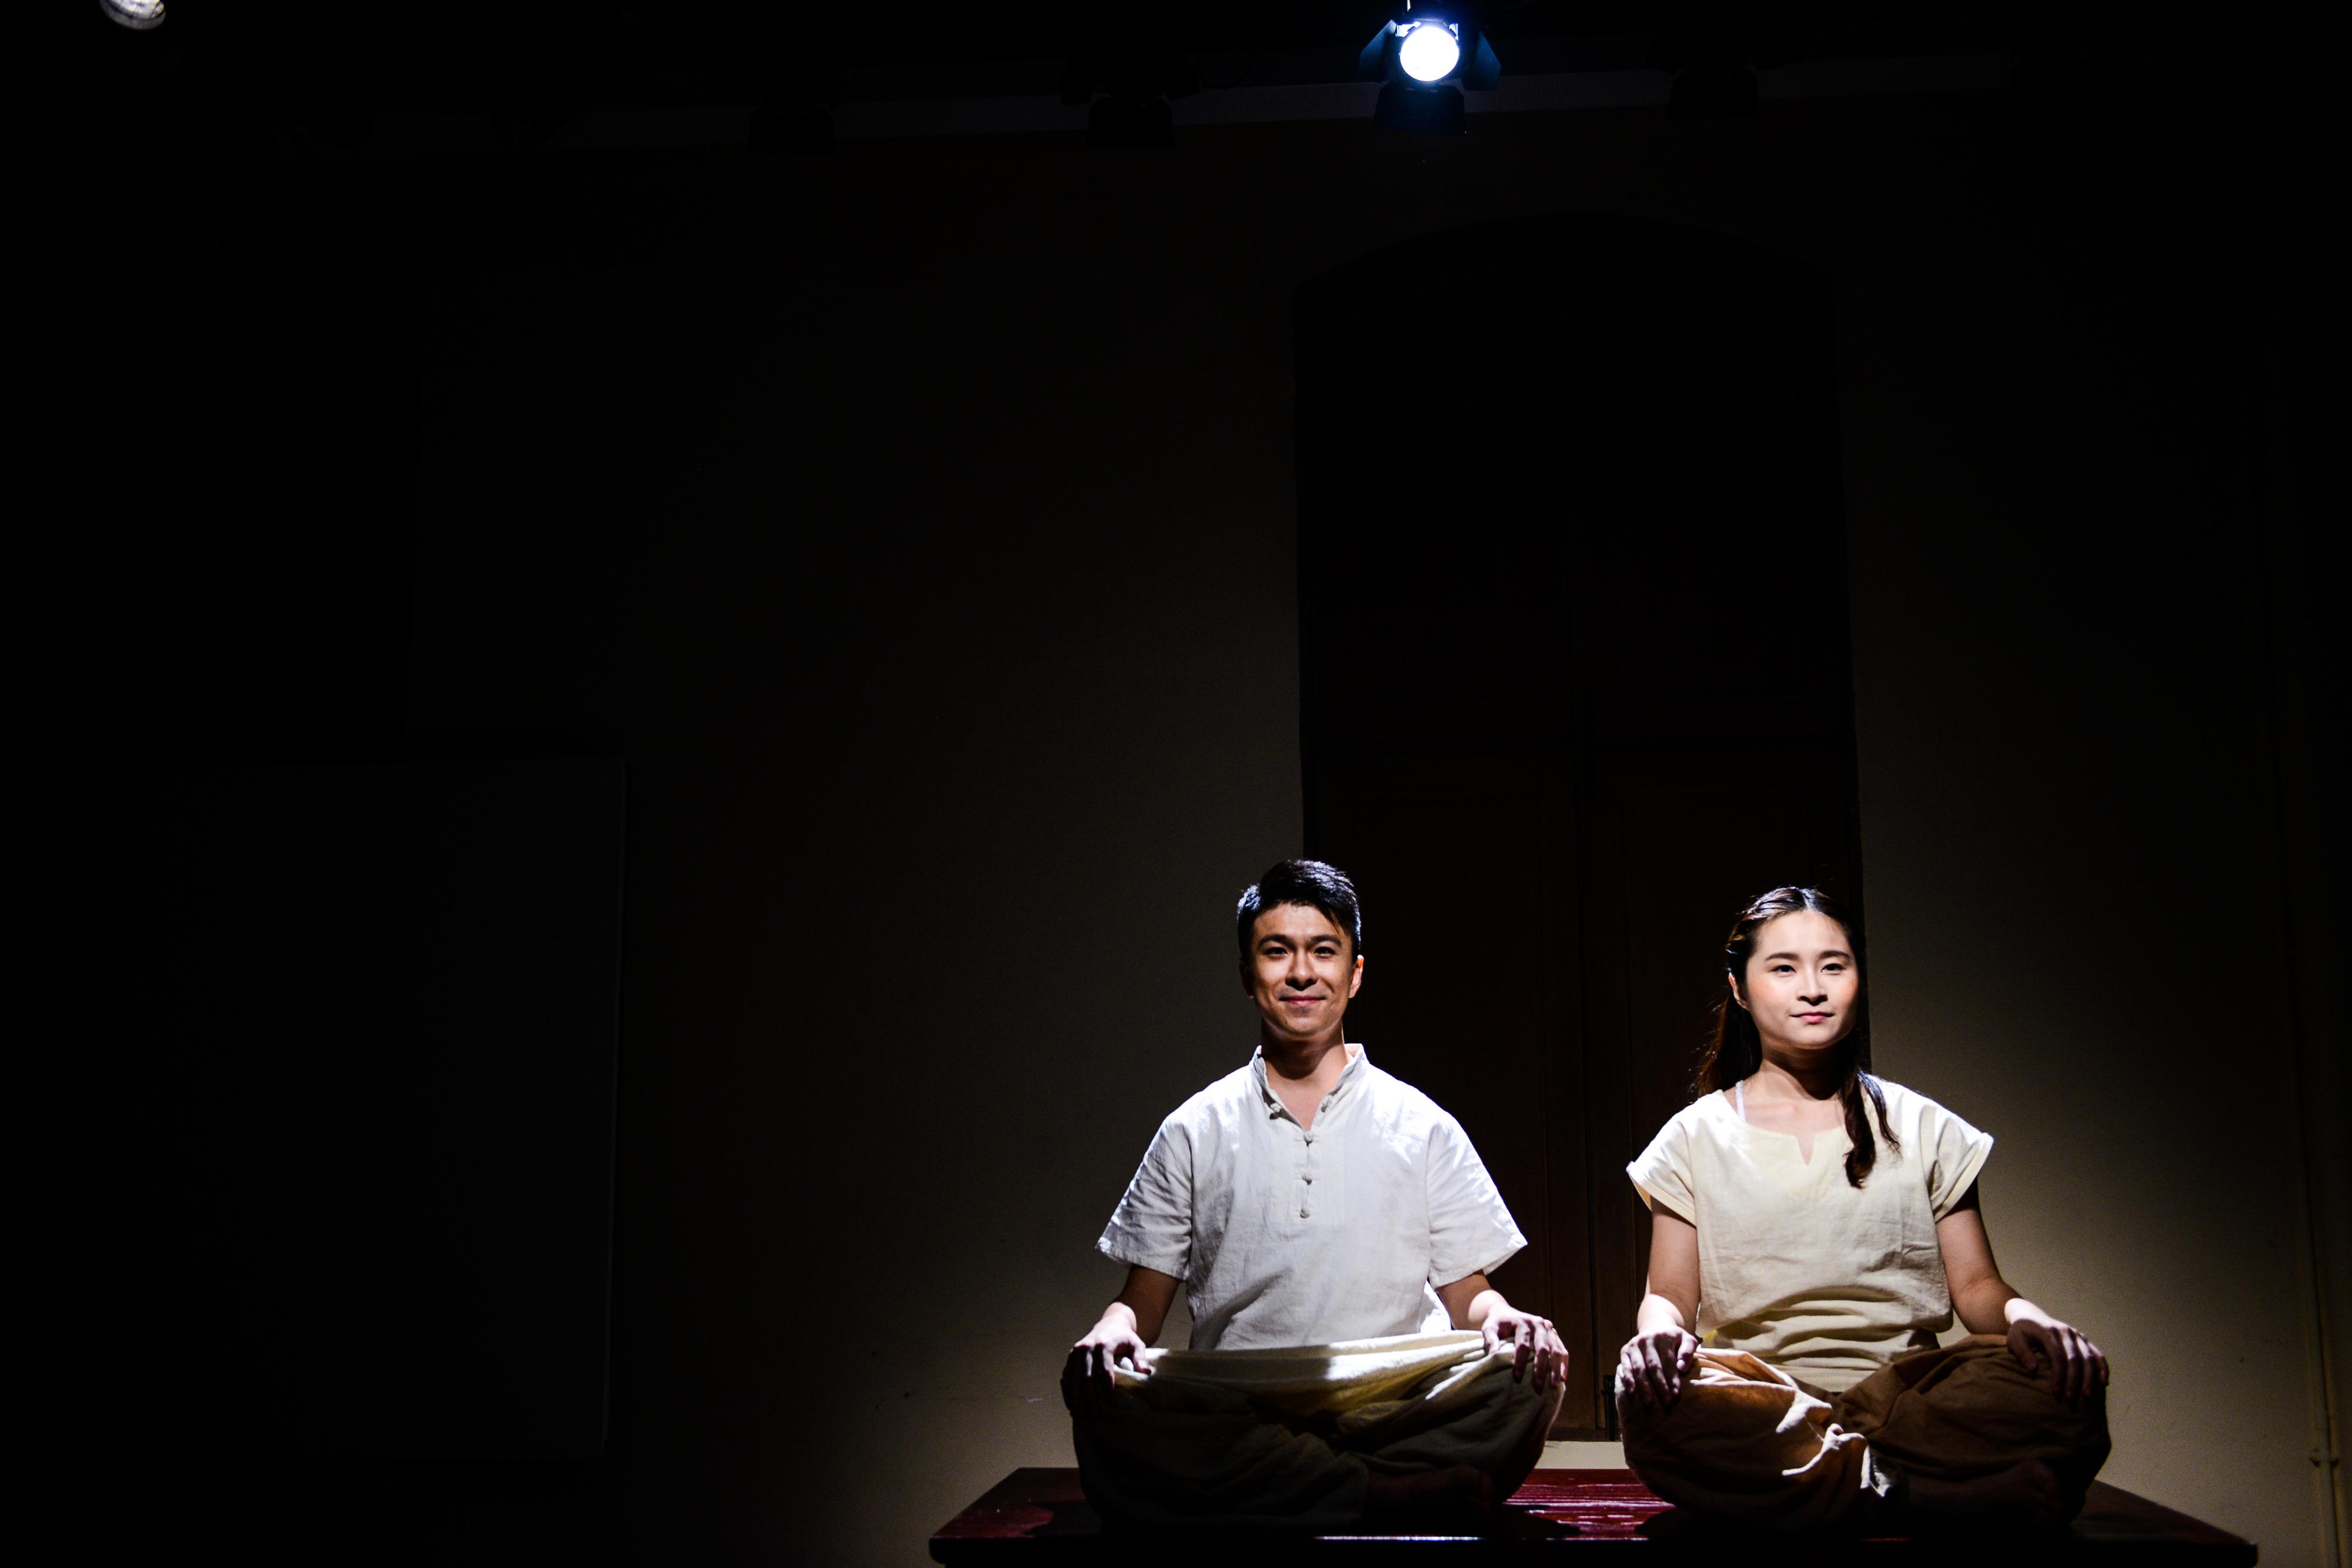 《牛奶與蜜糖》/人物:施標信、隆藹宜/類別:《牛奶與蜜糖》、演出/攝影:Fung Wai Sun/(天台製作 • 香港專業劇團)